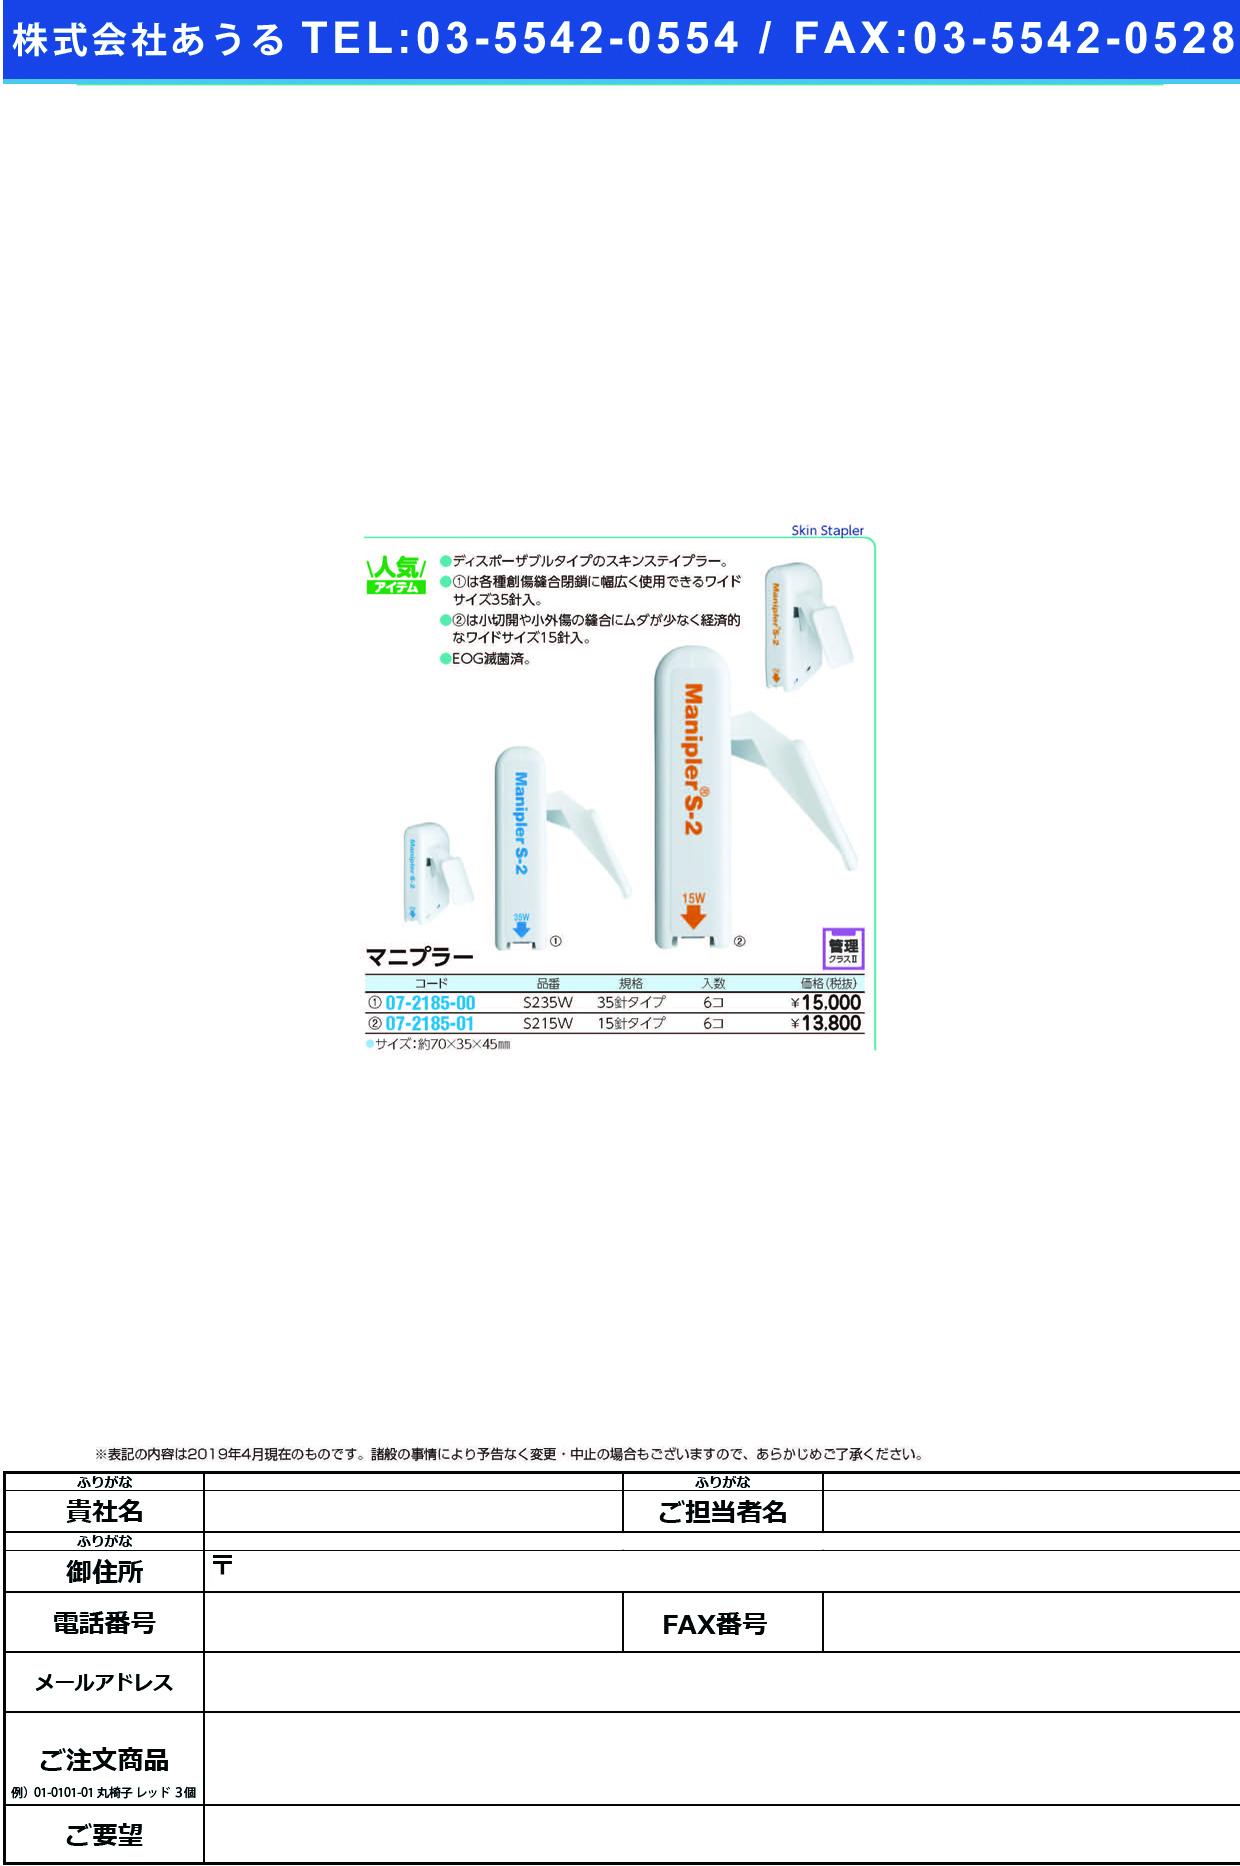 (07-2185-00)マニプラー(S−2)35針入 S235W(6コイリ) マニプラー(S-2)35シンイリ(マニー)【1箱単位】【2019年カタログ商品】